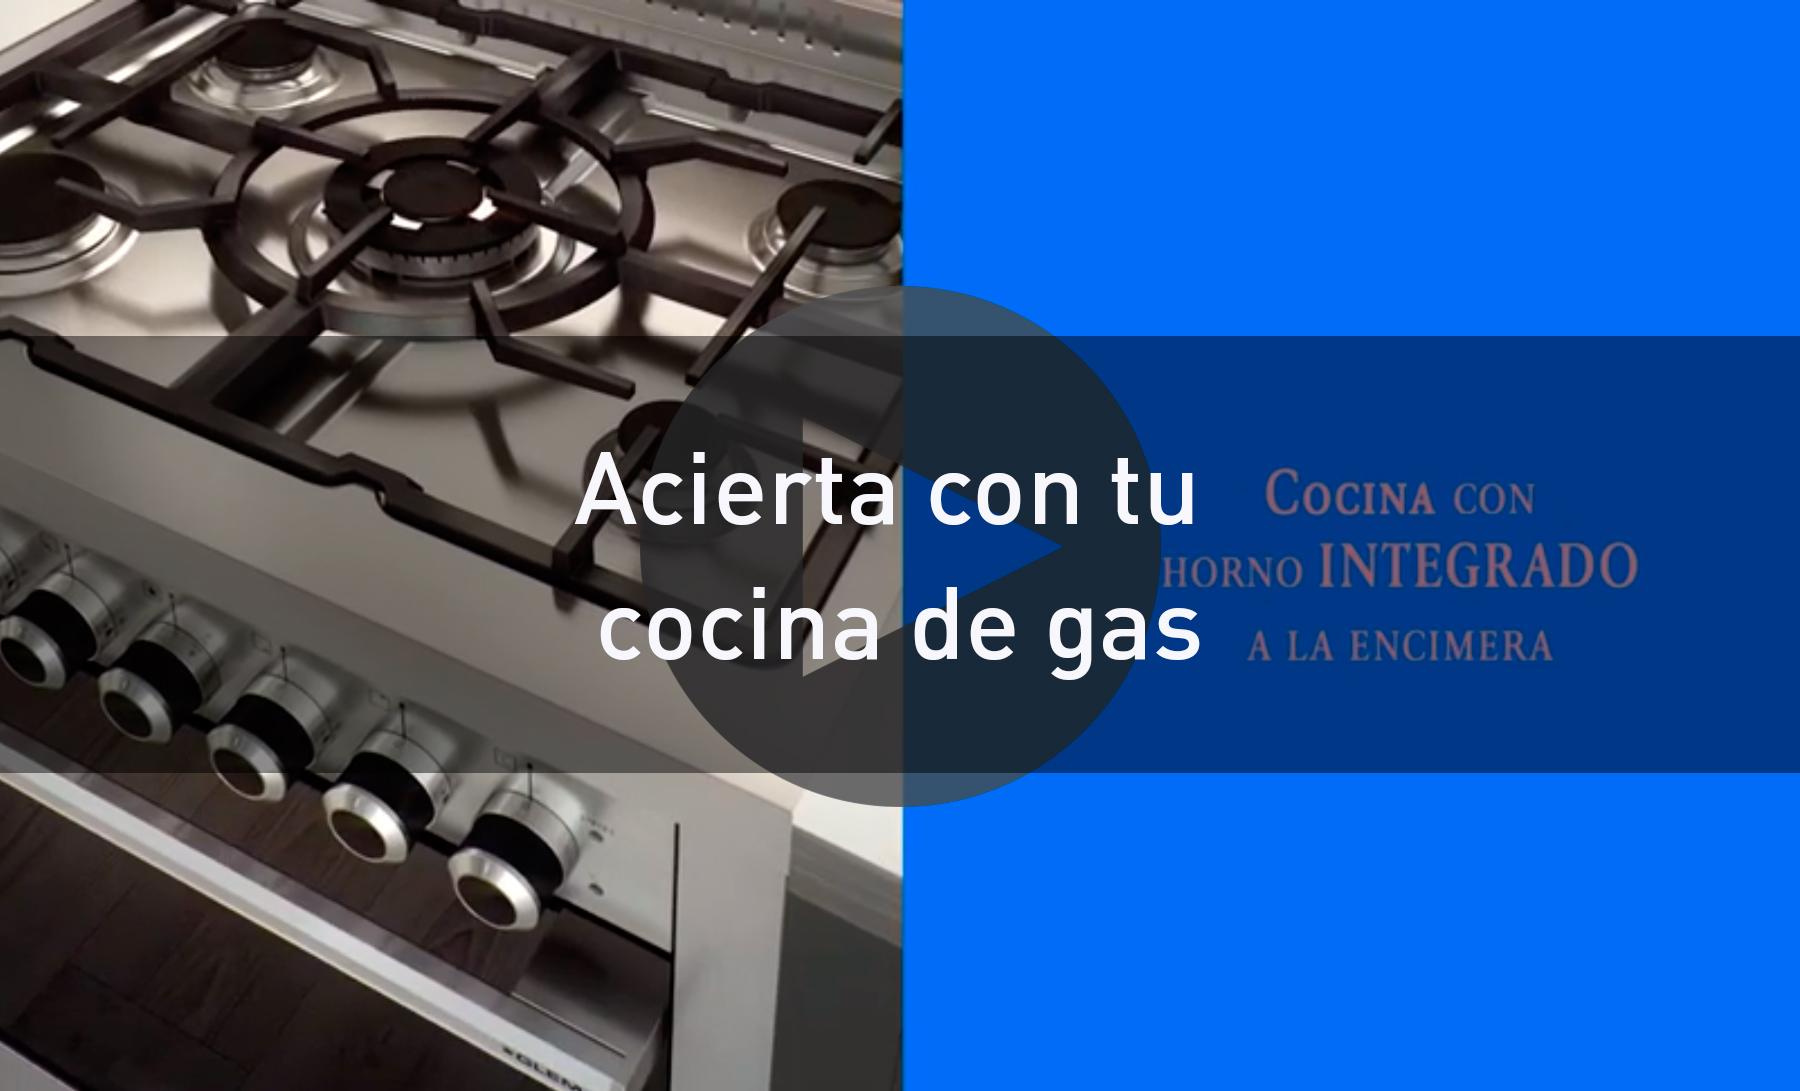 Cocina de gs